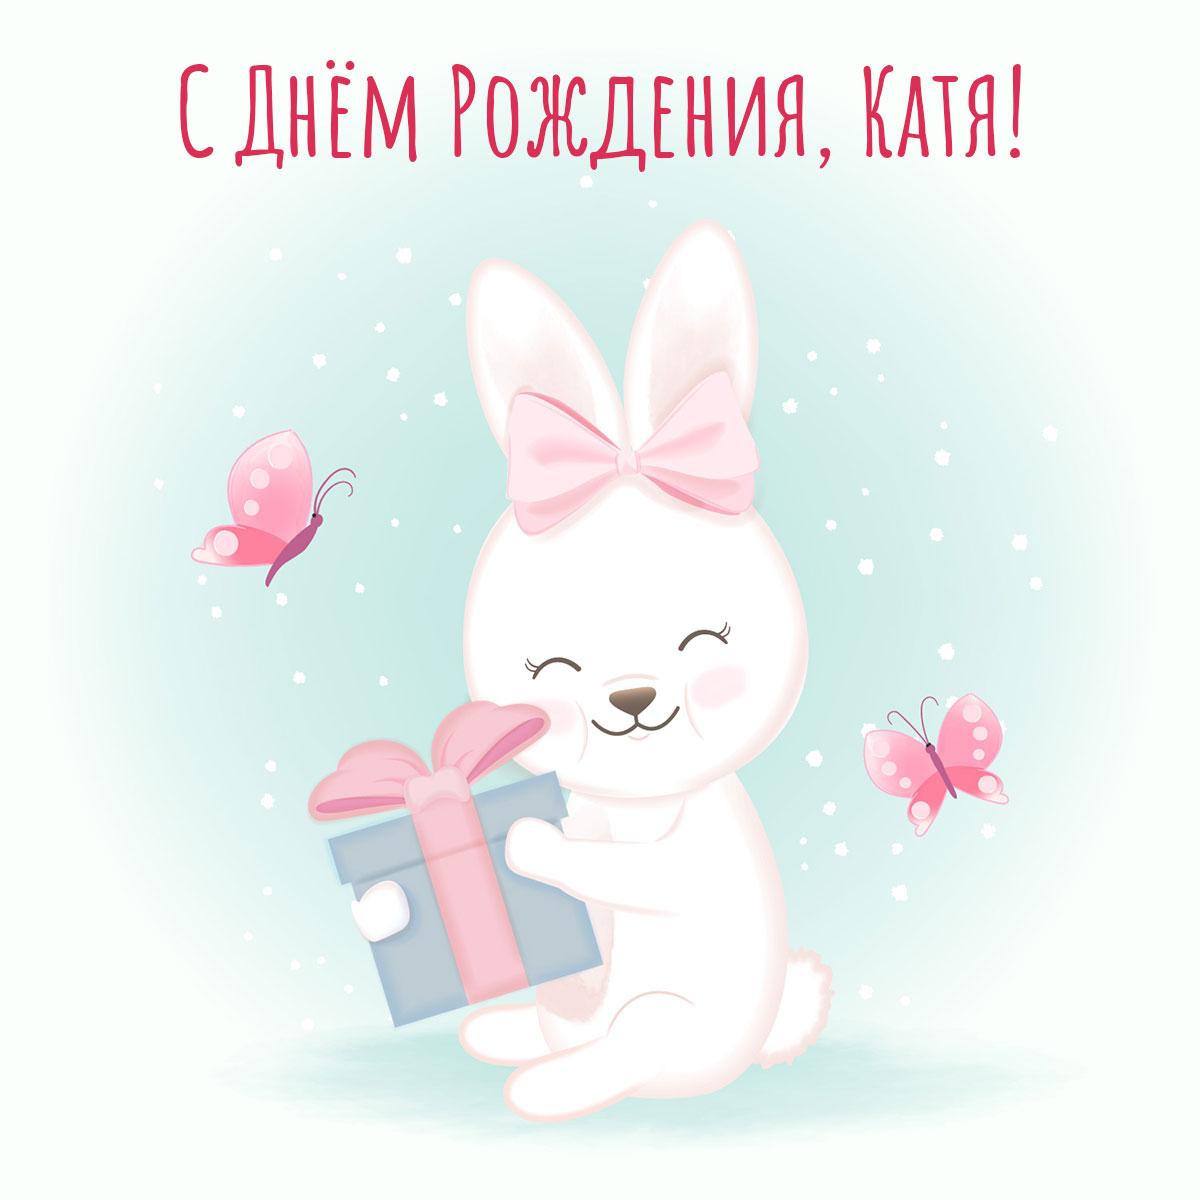 Картинка с розовым зайцем, коробкой с подарком и бабочками.